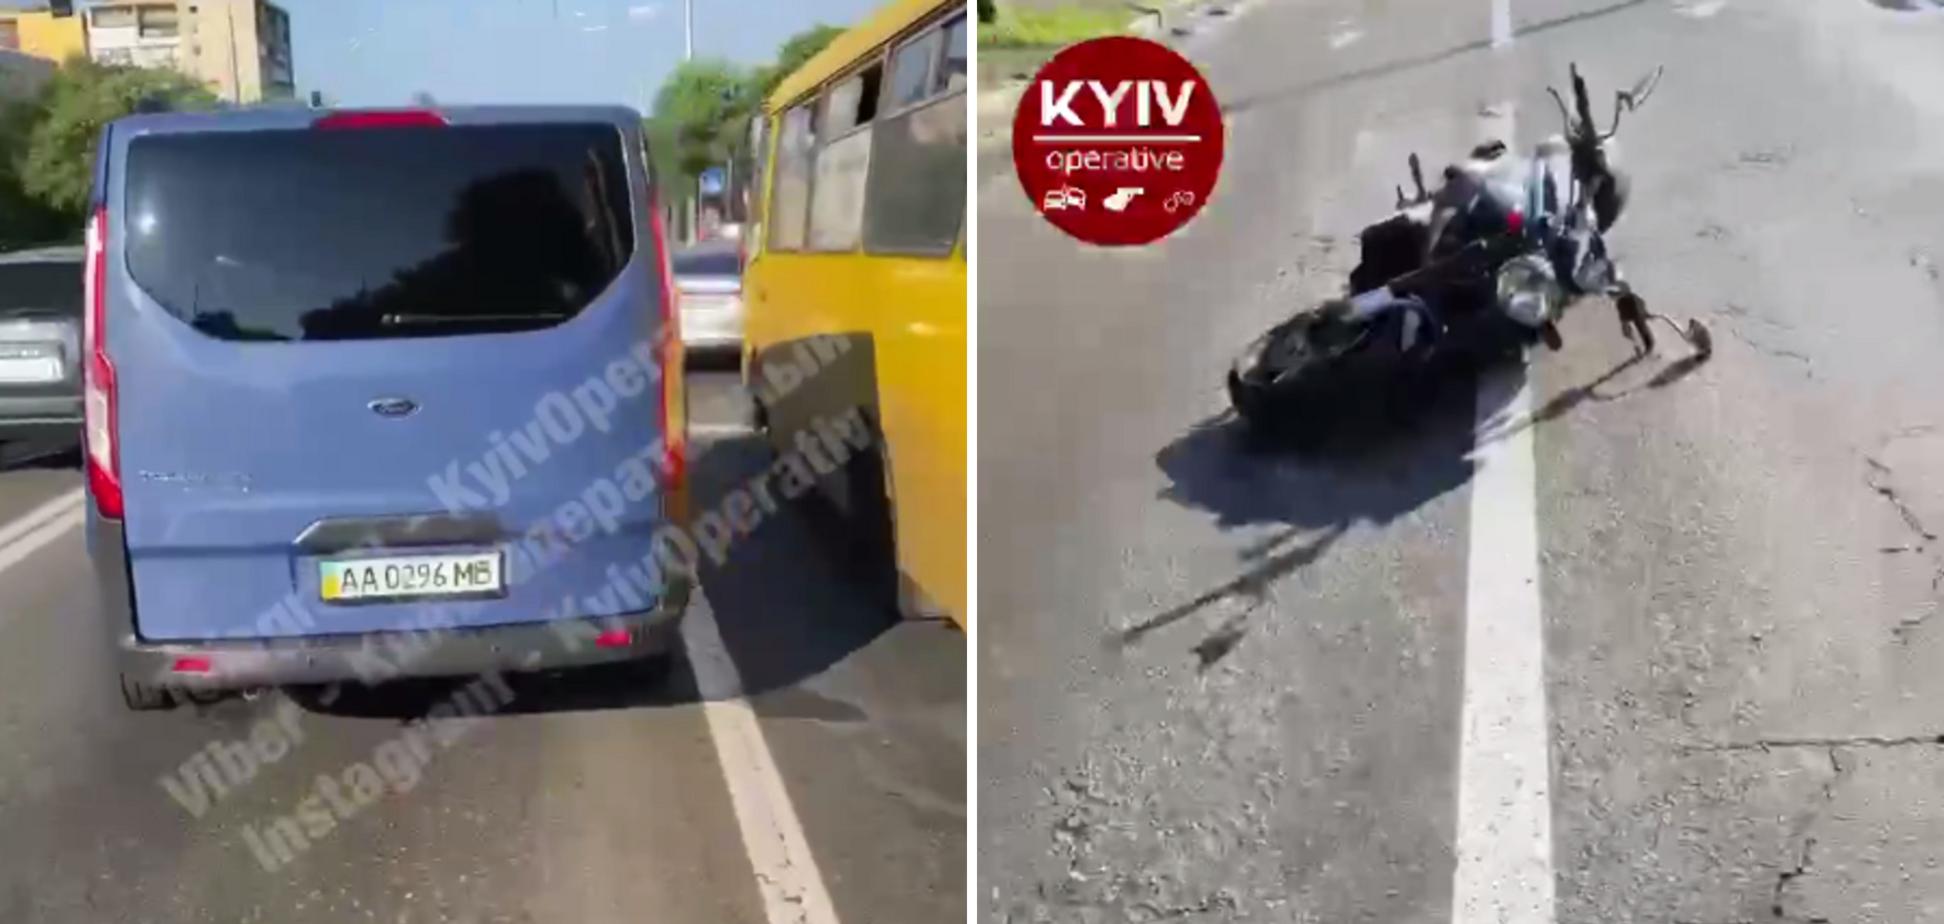 Авто НАБУ якобы устроило ДТП при погоне за Чаусом